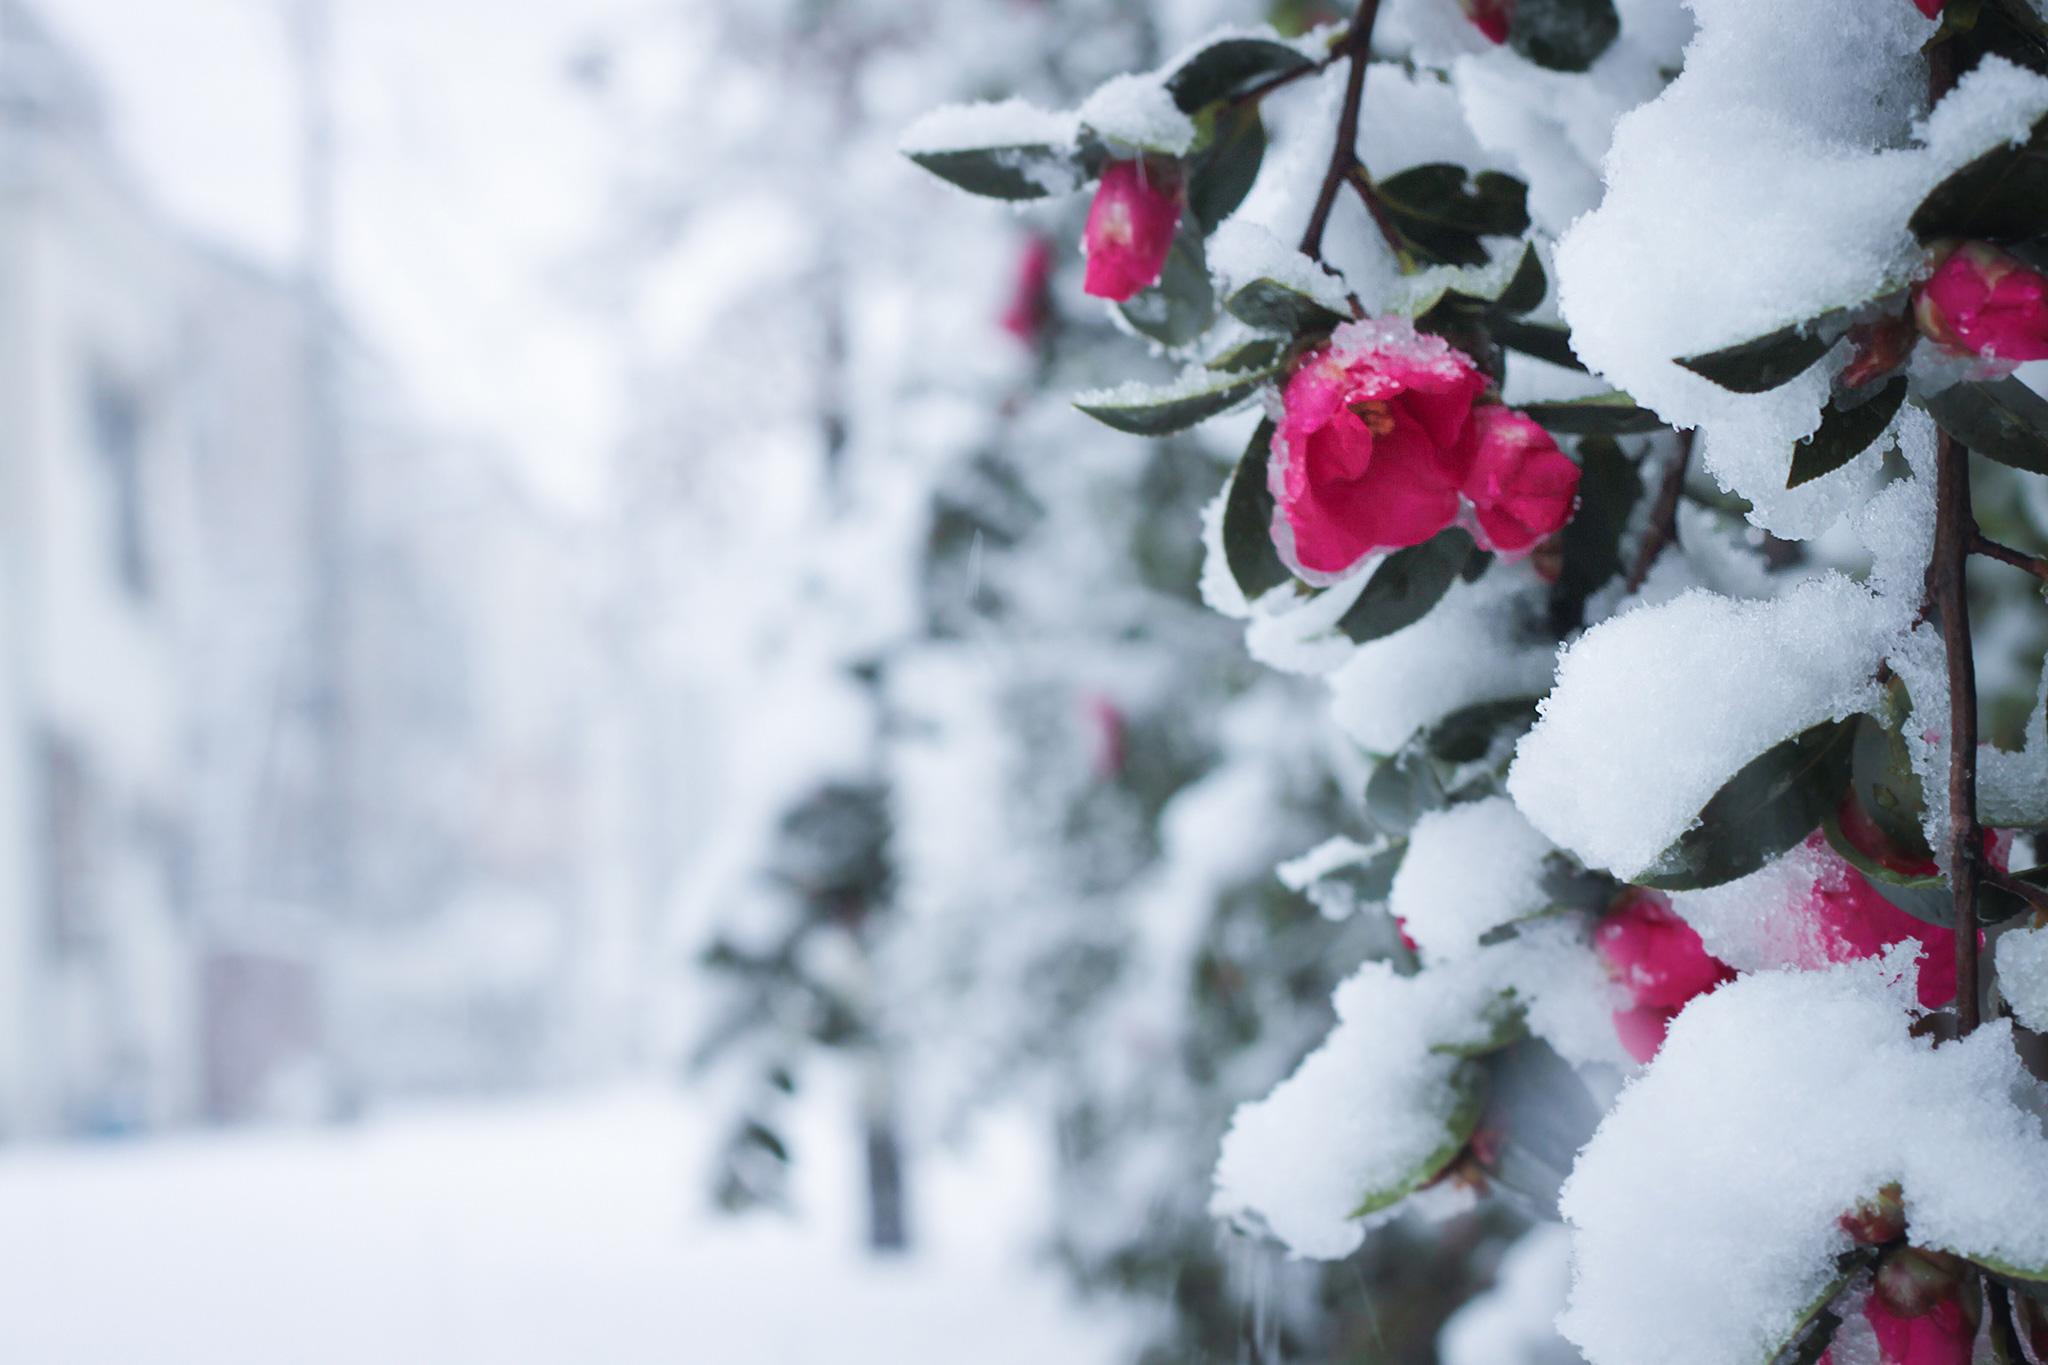 しんしんと雪が降り積もる椿の花のフリー画像|おしゃれなフリー写真素材:GIRLY DROP